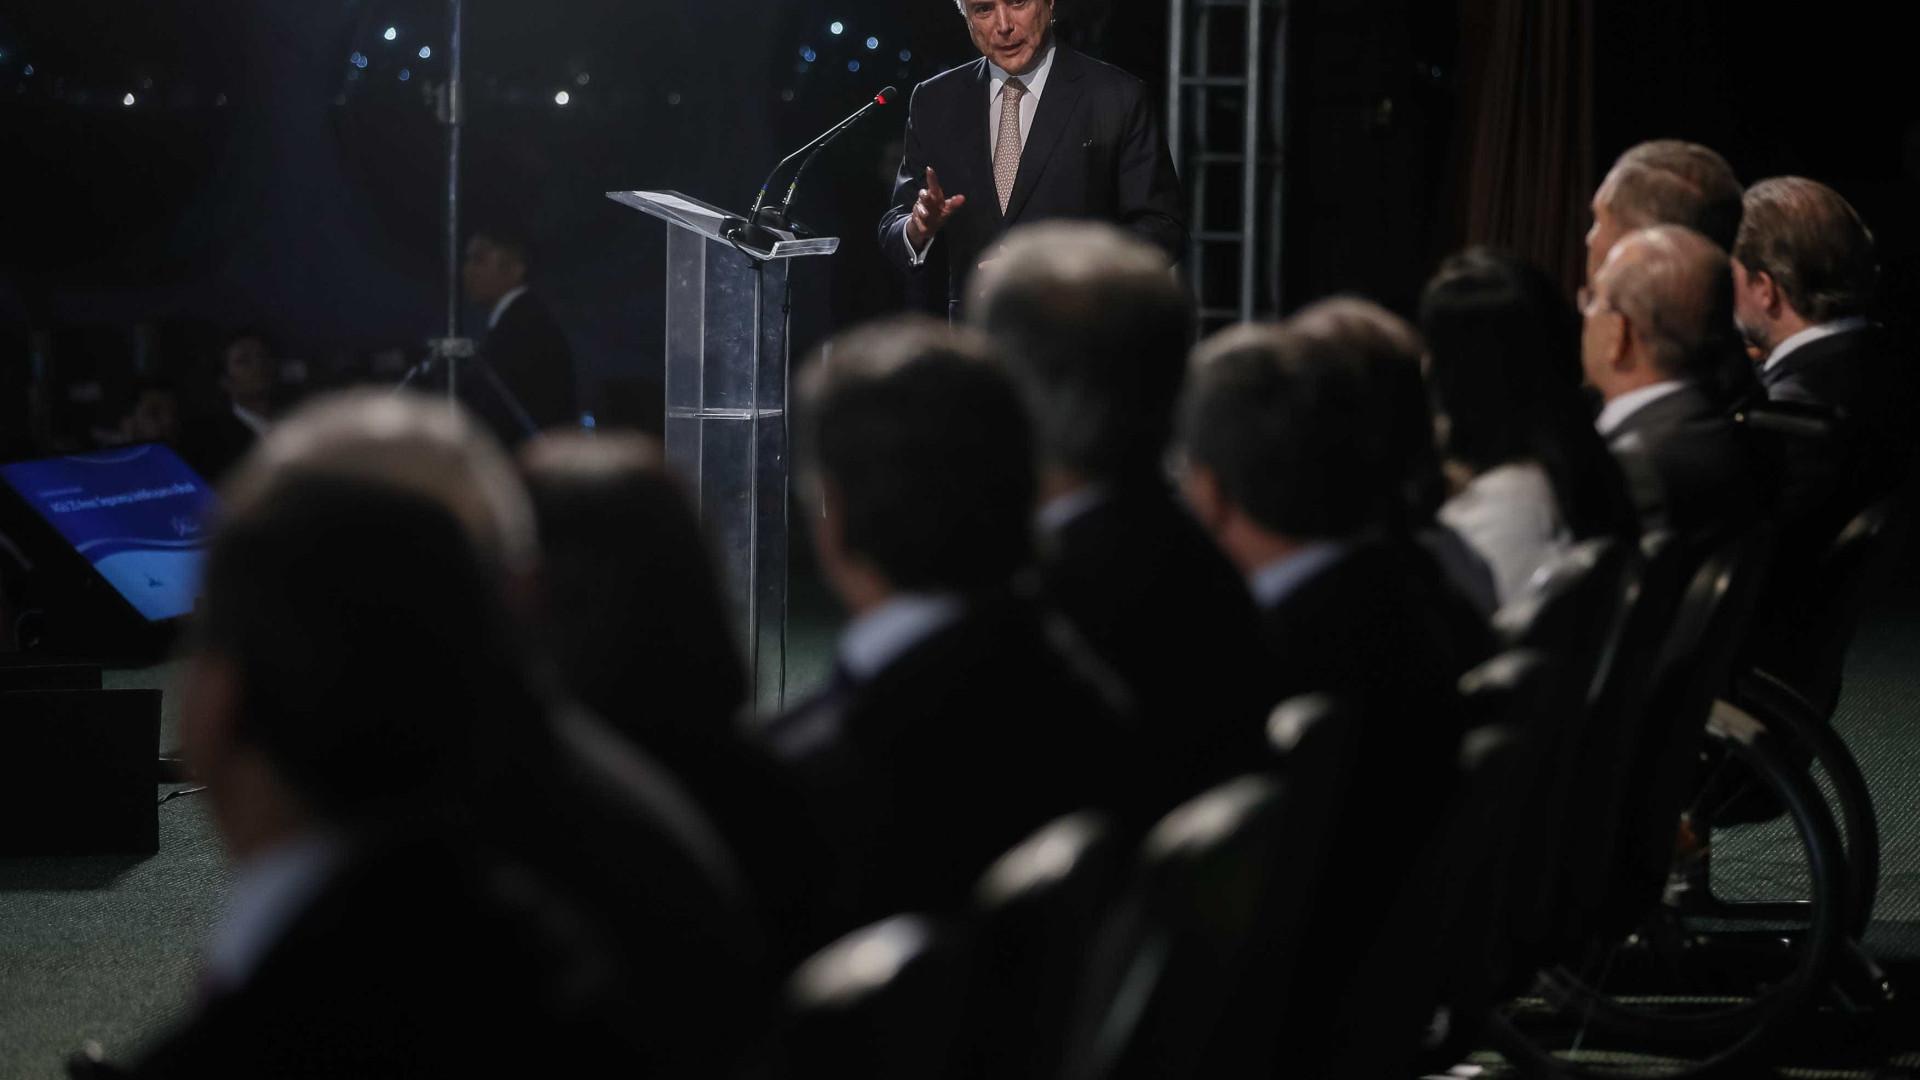 Temer convoca reunião com líderes para pedir apoio e defesa do governo